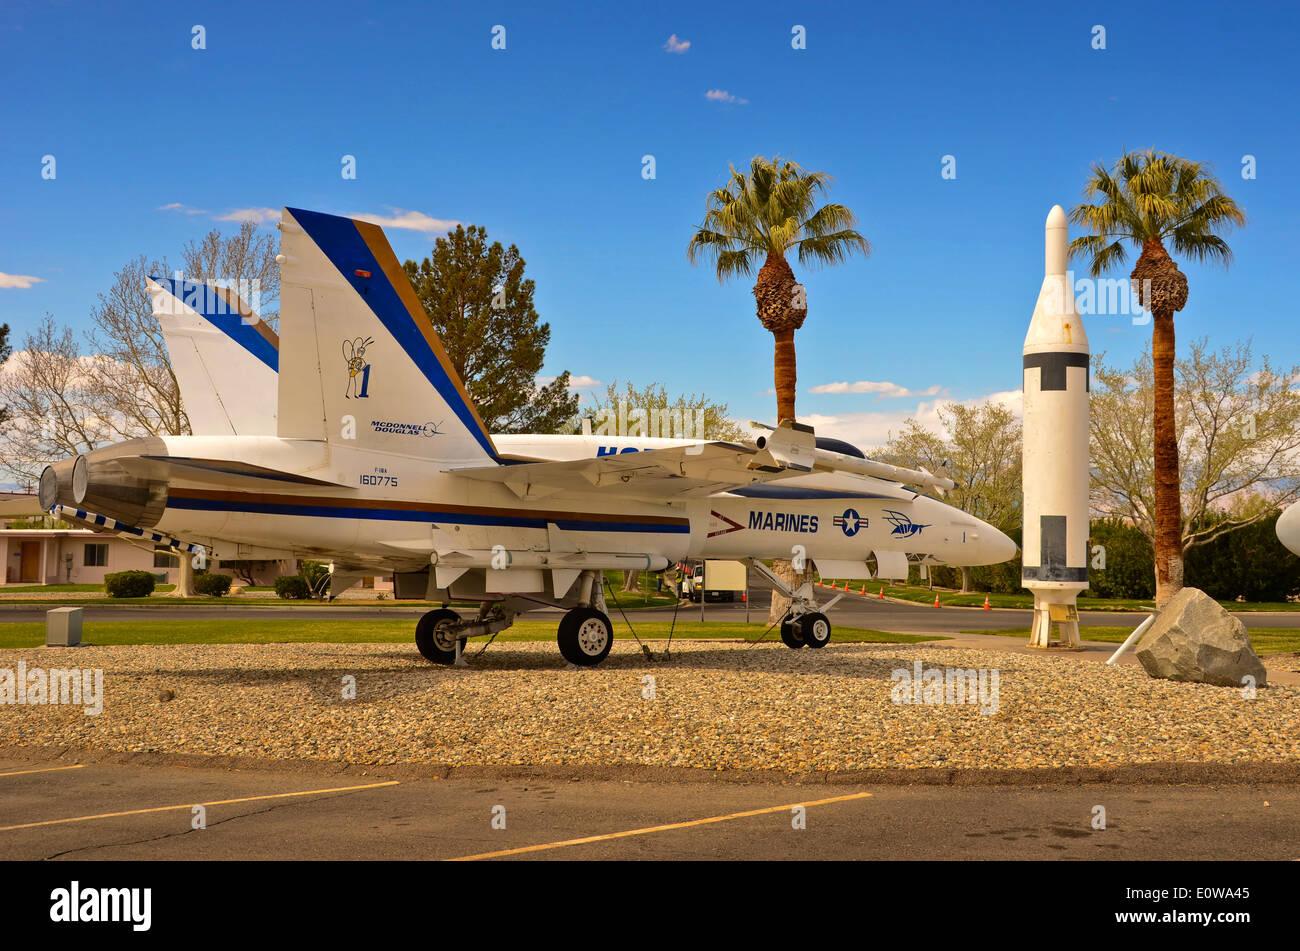 Hornet aircraft at China Lake Naval Air Base California, USA - Stock Image